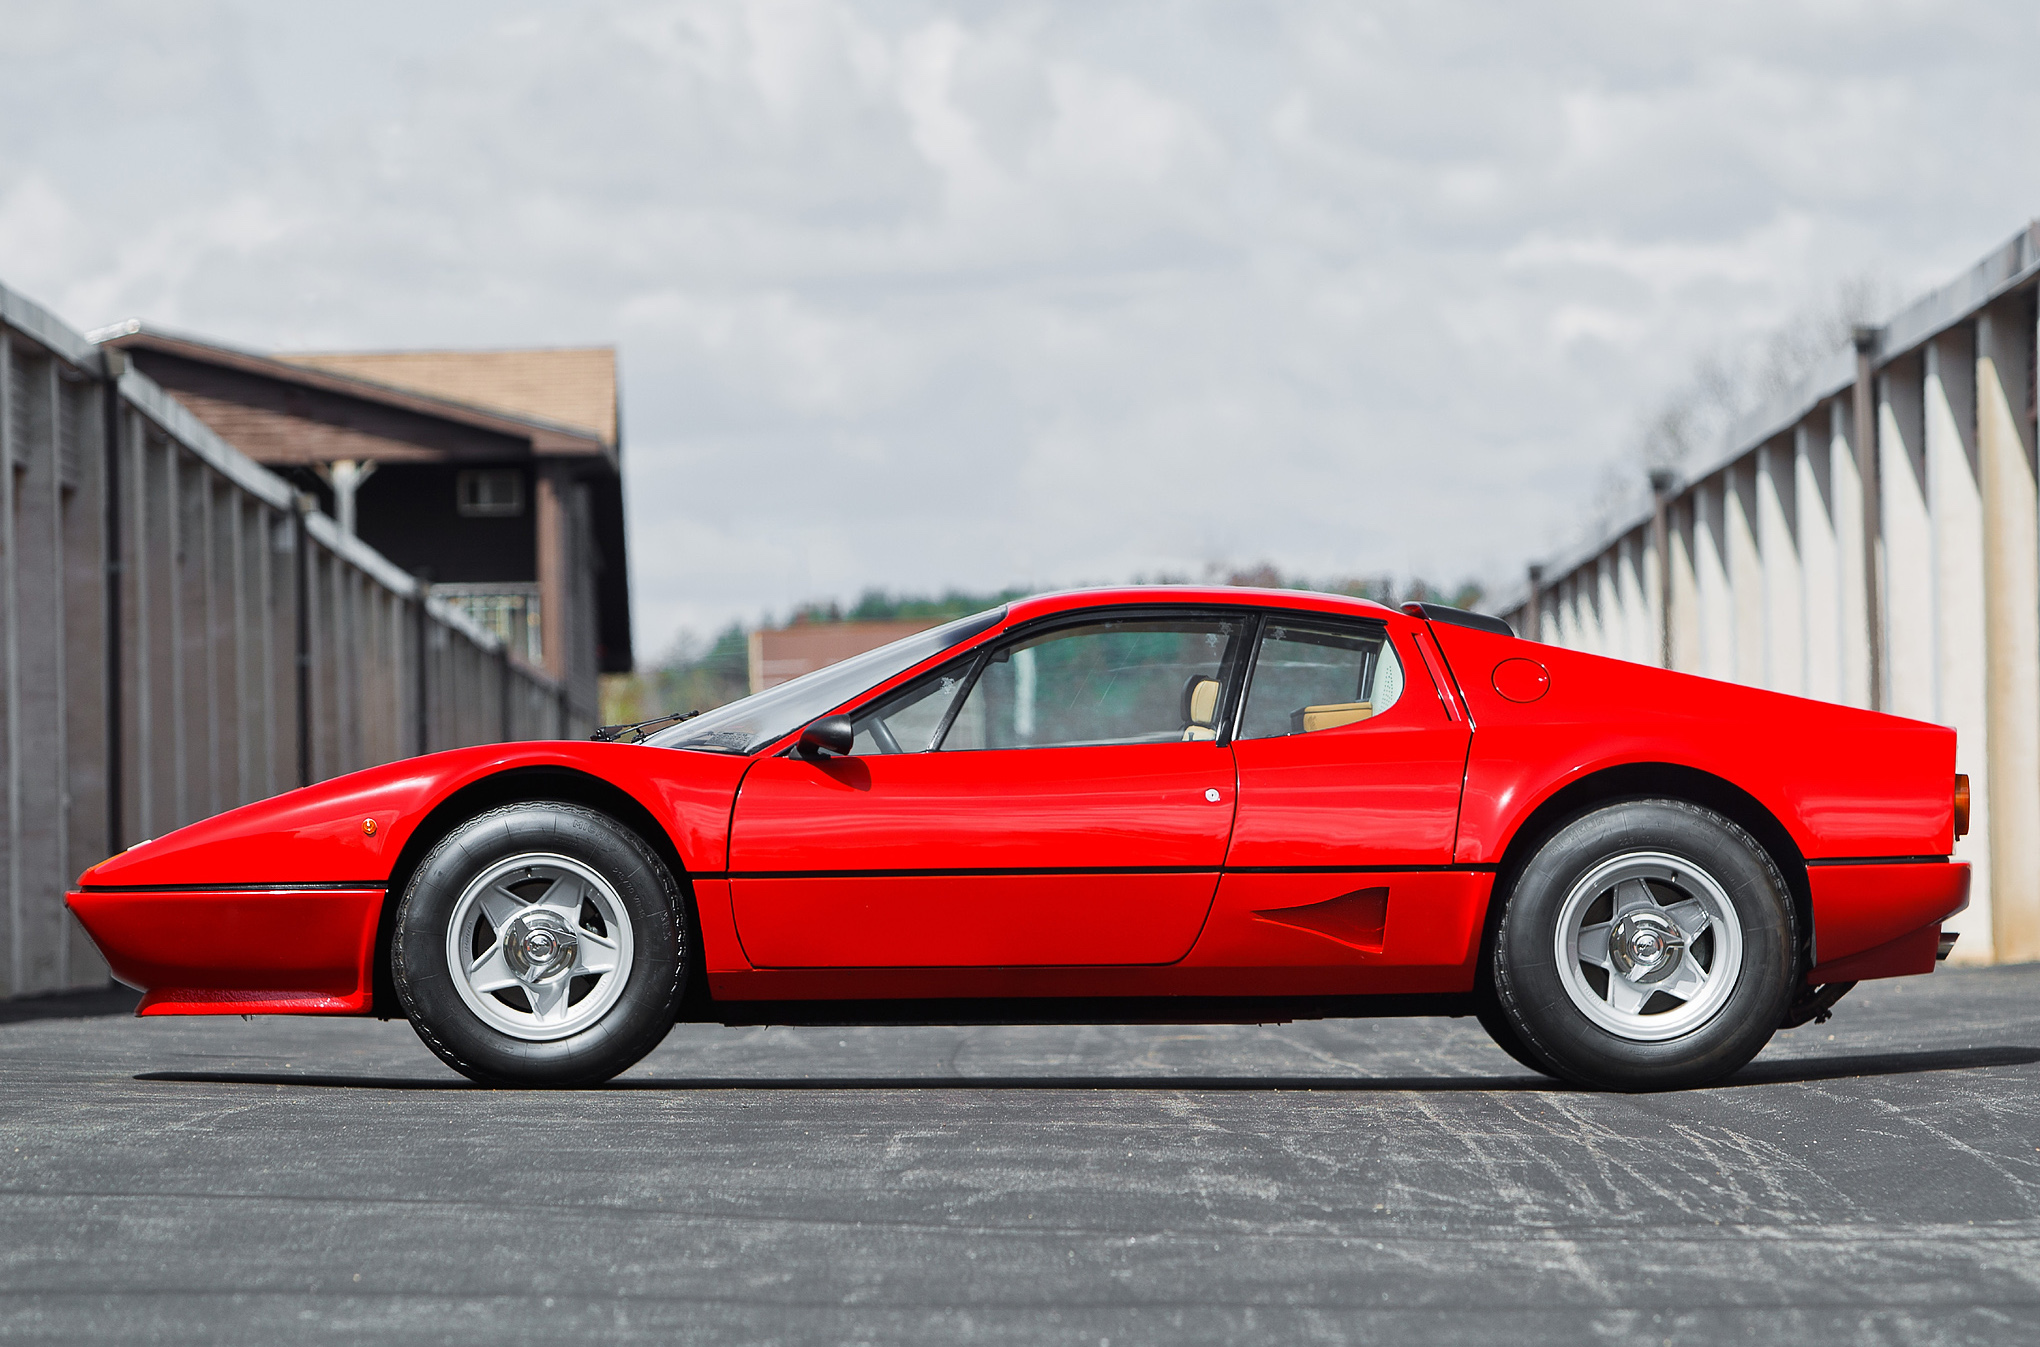 ferrari_512_bb_con_l_opzione_bicolore_7 Fabulous Ferrari Mondial 8 Super Elite Cars Trend